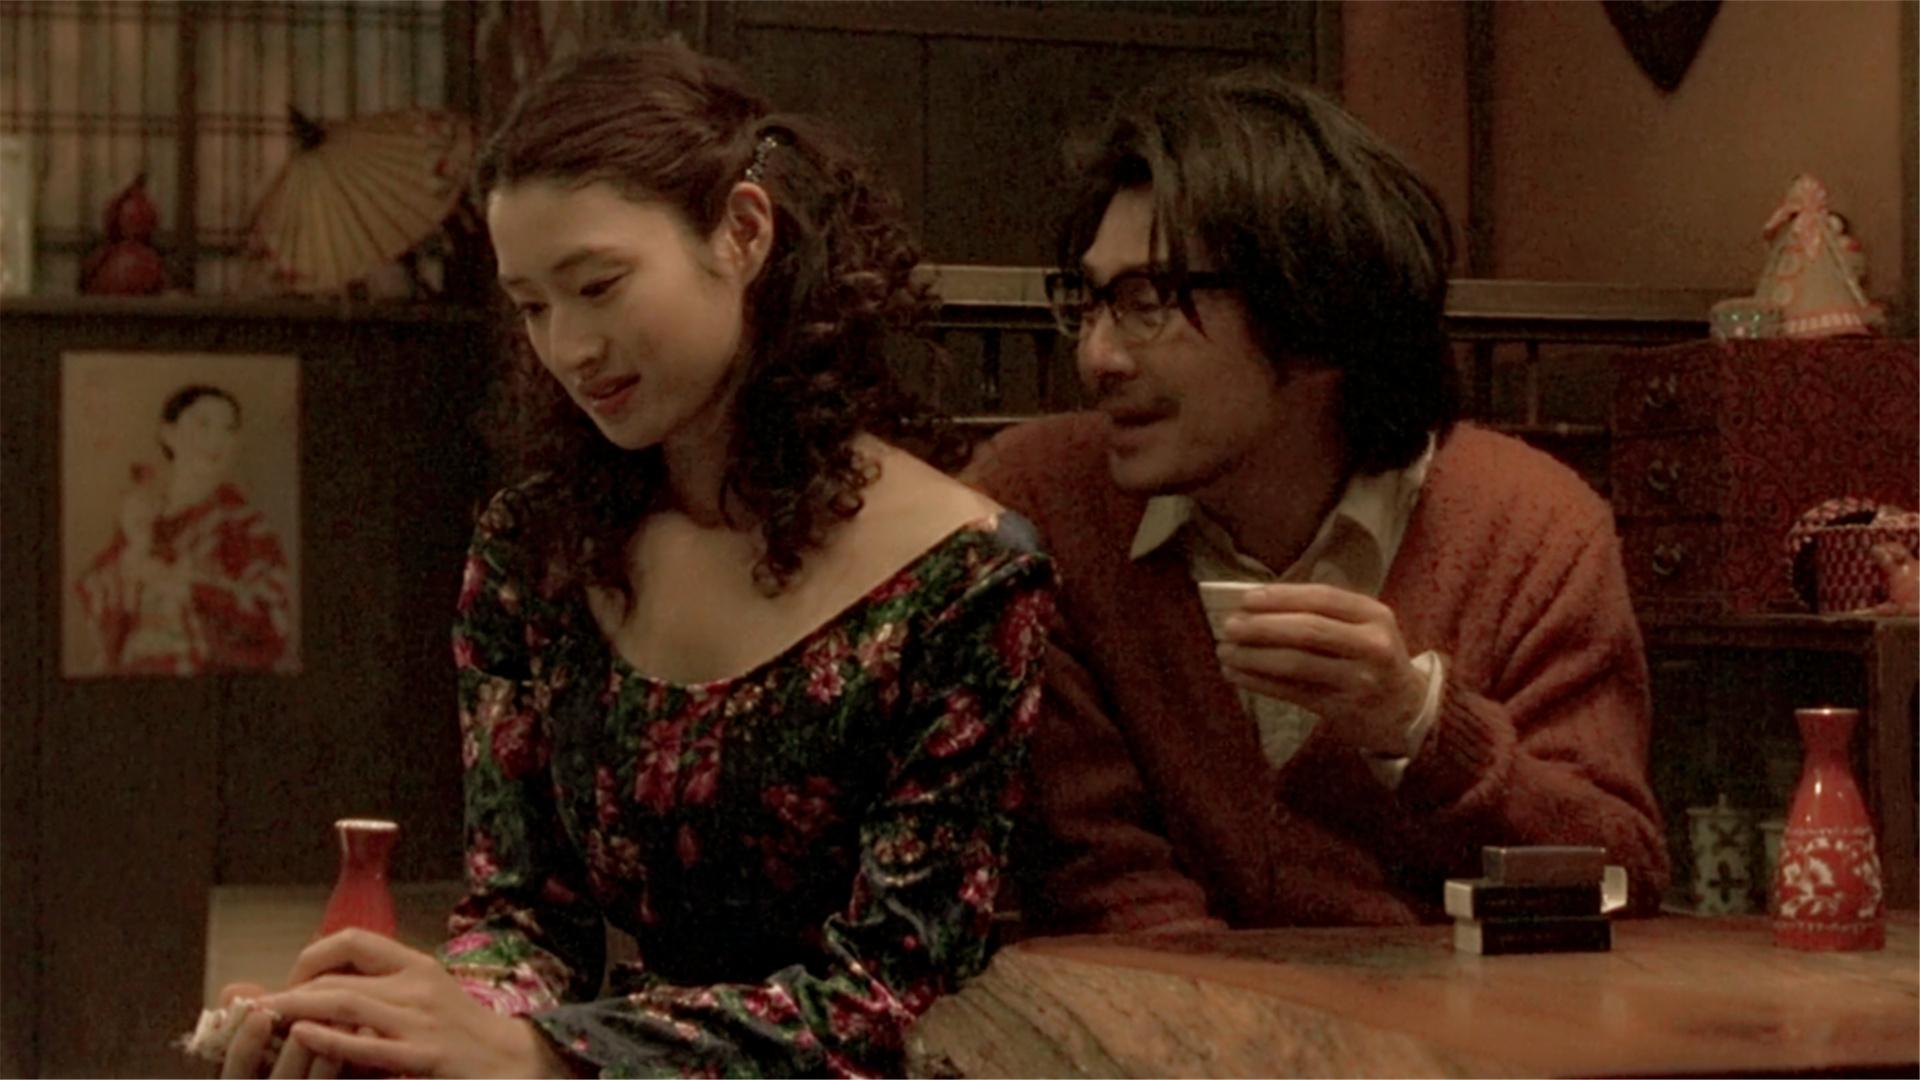 【西施】狂揽12项大奖,堪称日本影史票房传奇!一部高分伦理艺术电影